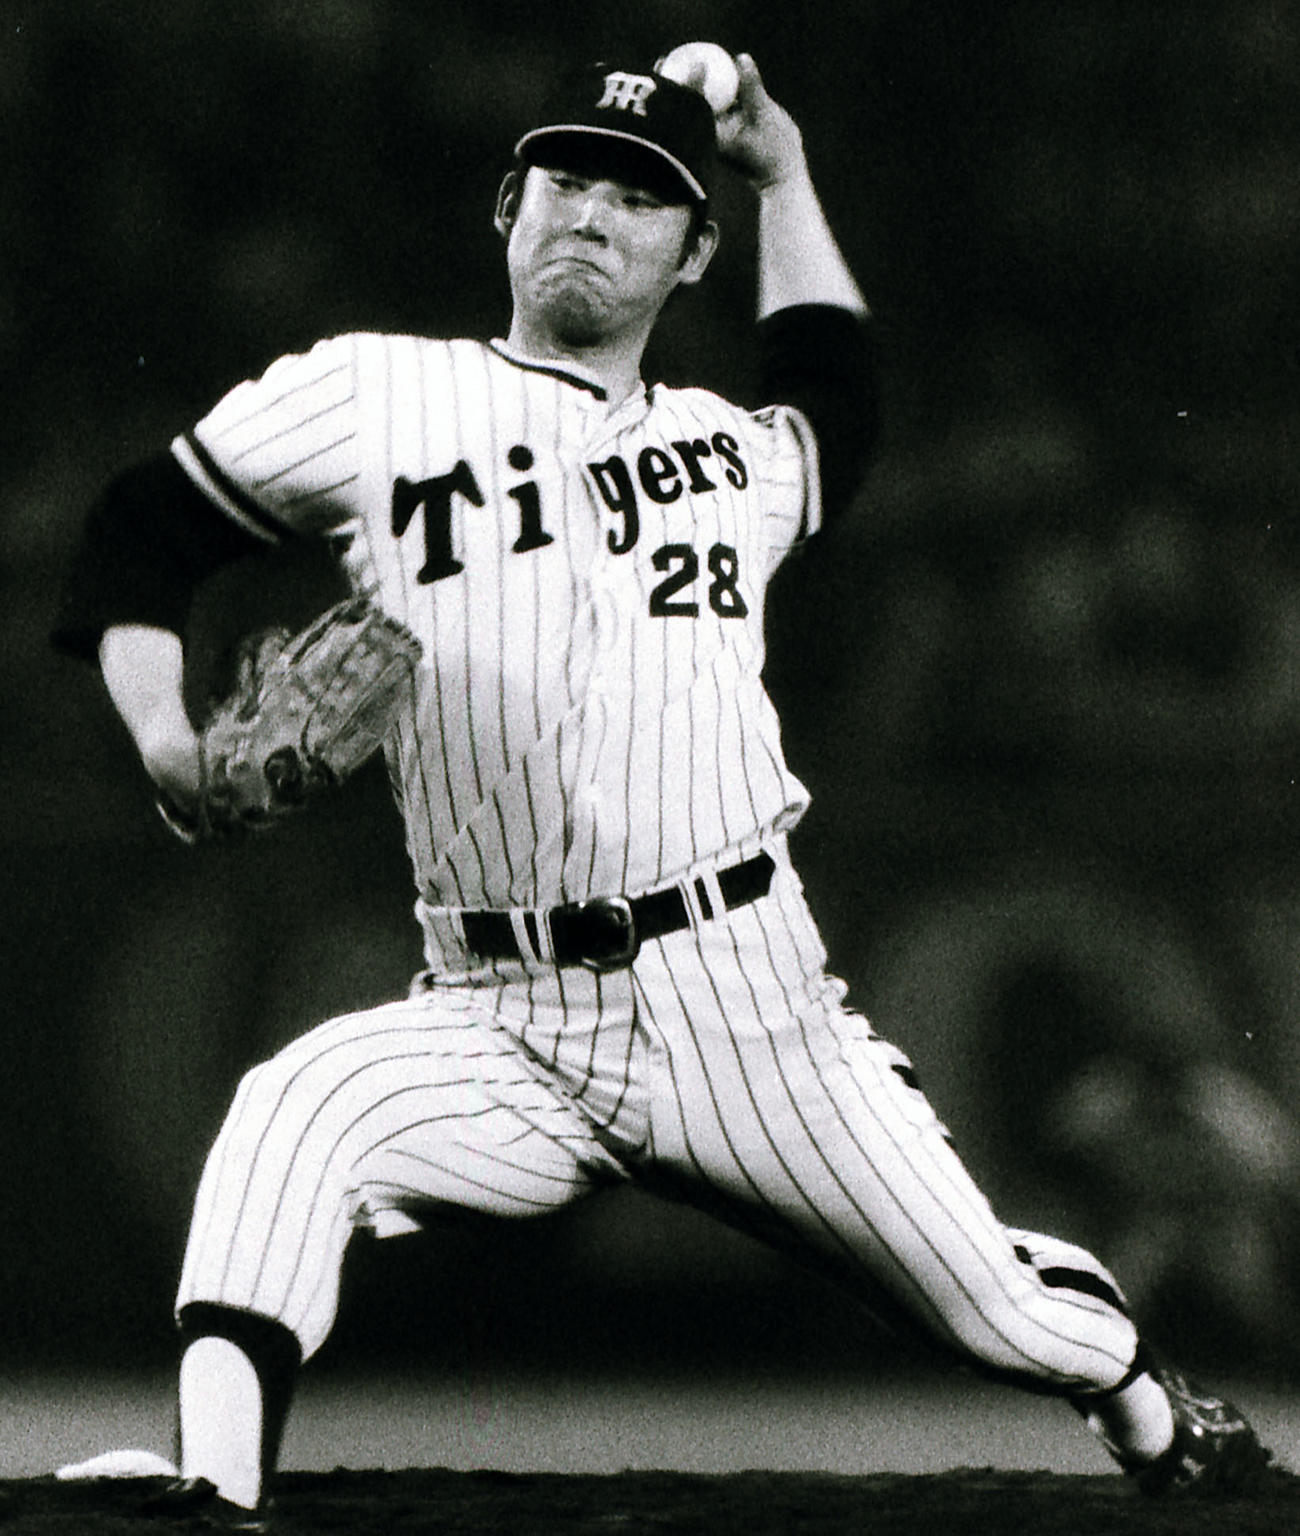 1975年、阪神時代の江夏氏の投球フォーム